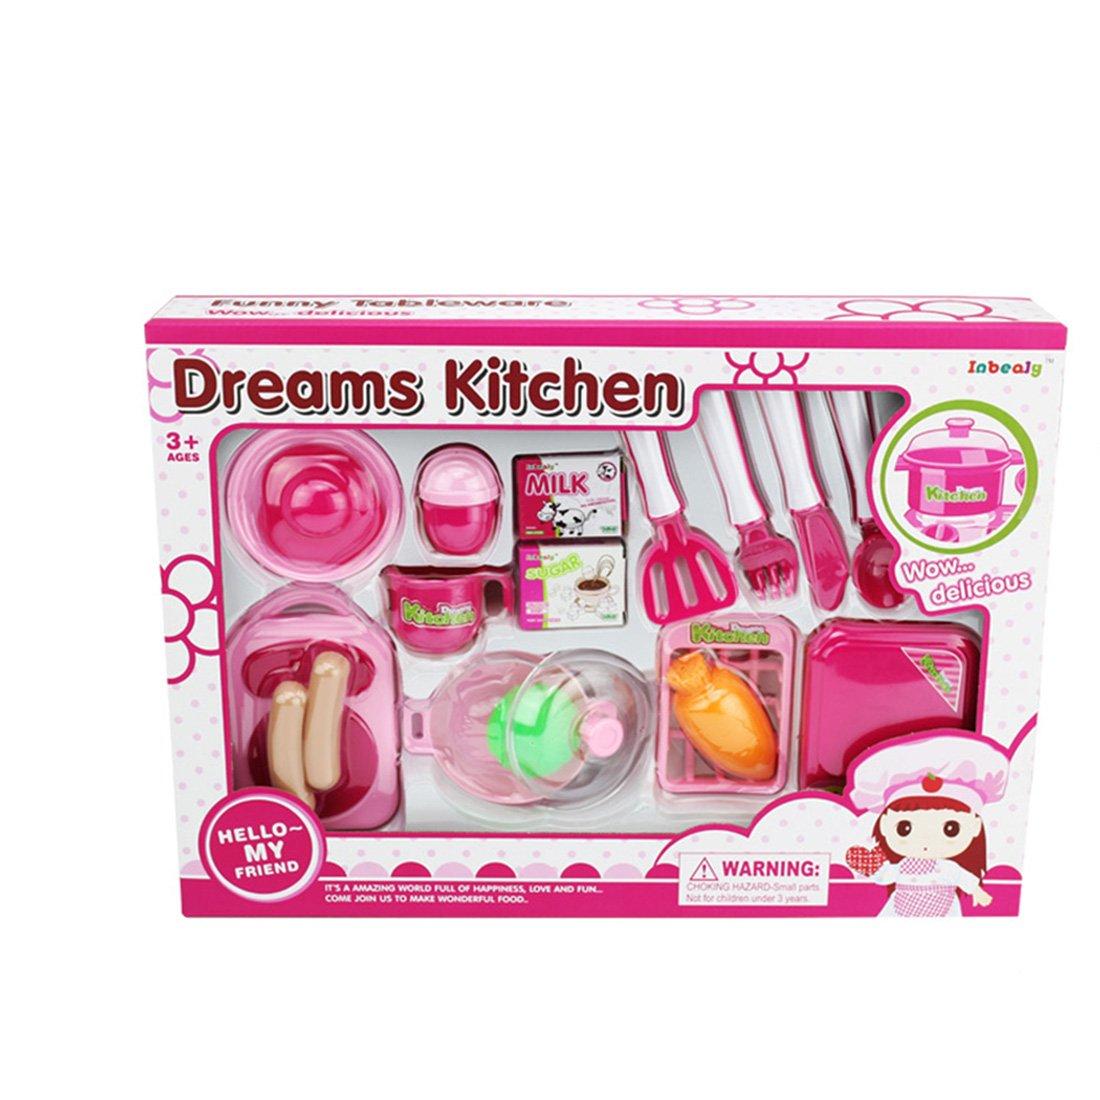 キッチンおもちゃセットpinchuanghui 18pcs子Cooking PlayキッチンToys Pretend Playベビーキッズホーム教育おもちゃ – ピンク   B075NZ39VL